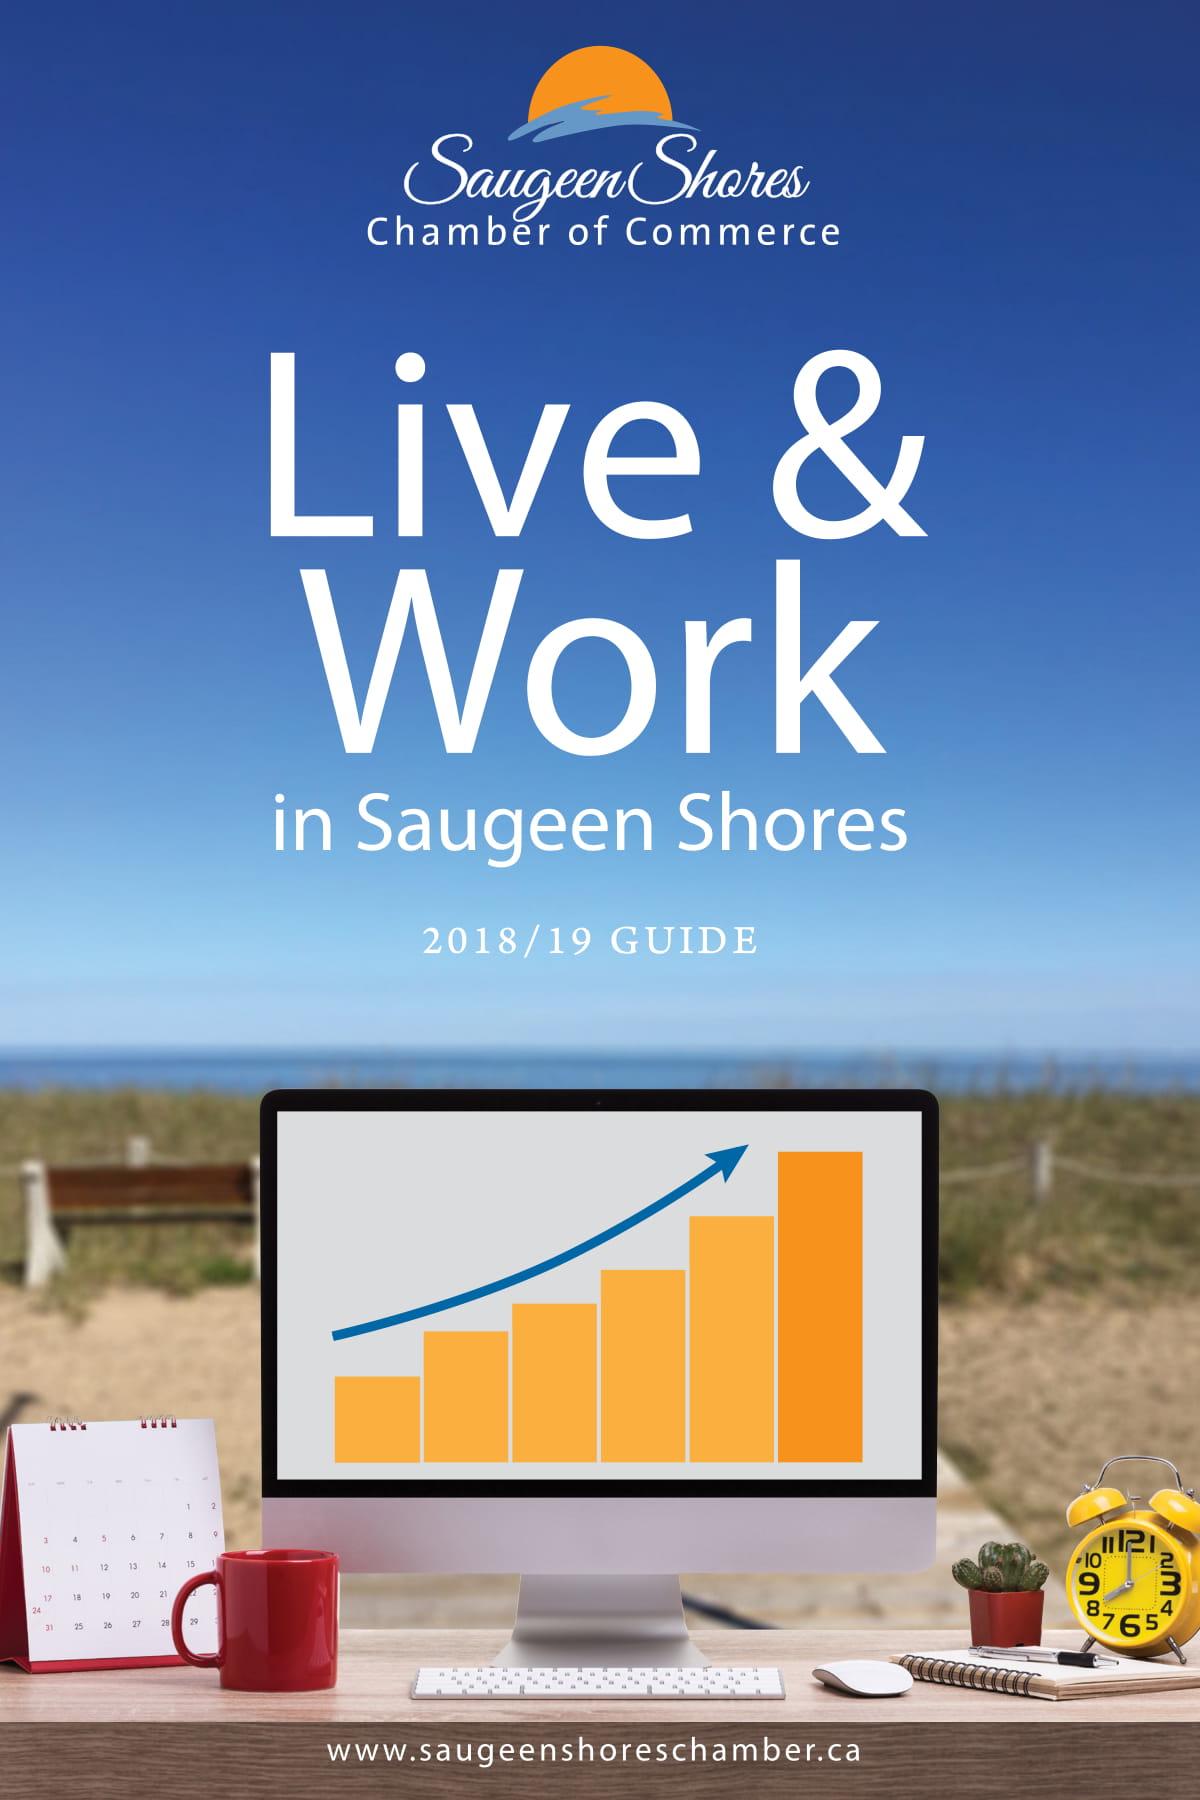 Live & Work in Saugeen Shores